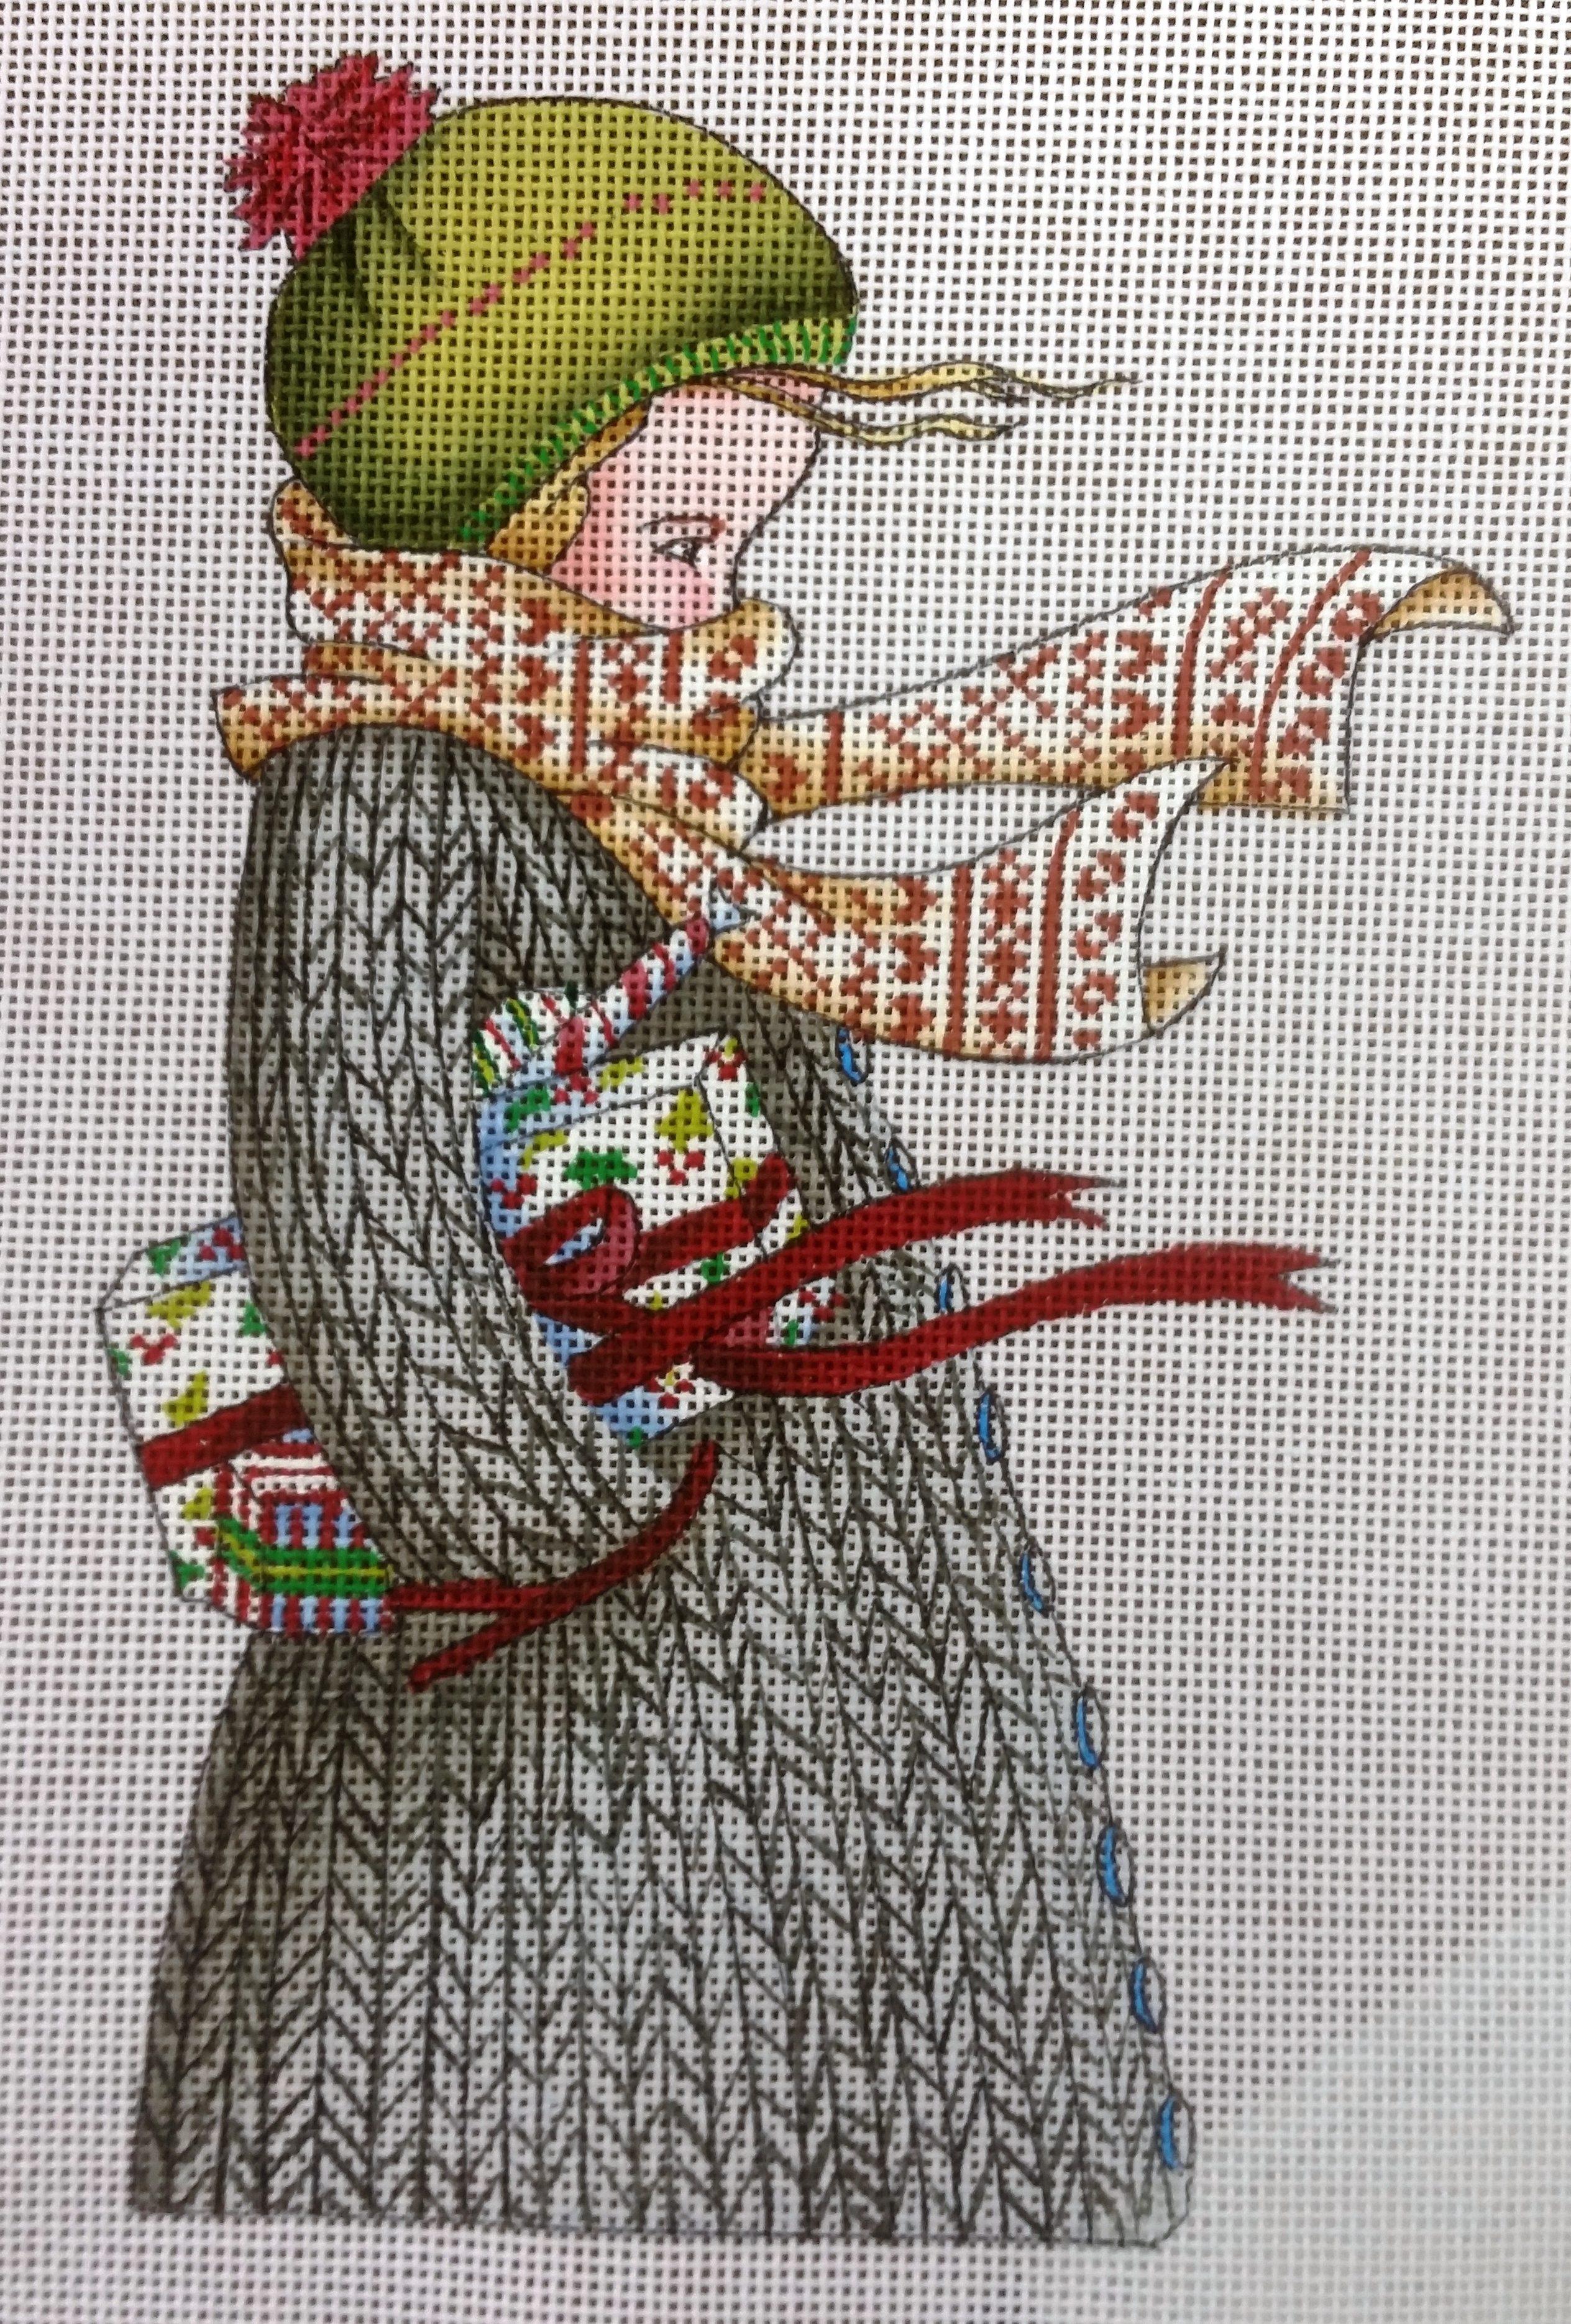 Stitching Shop